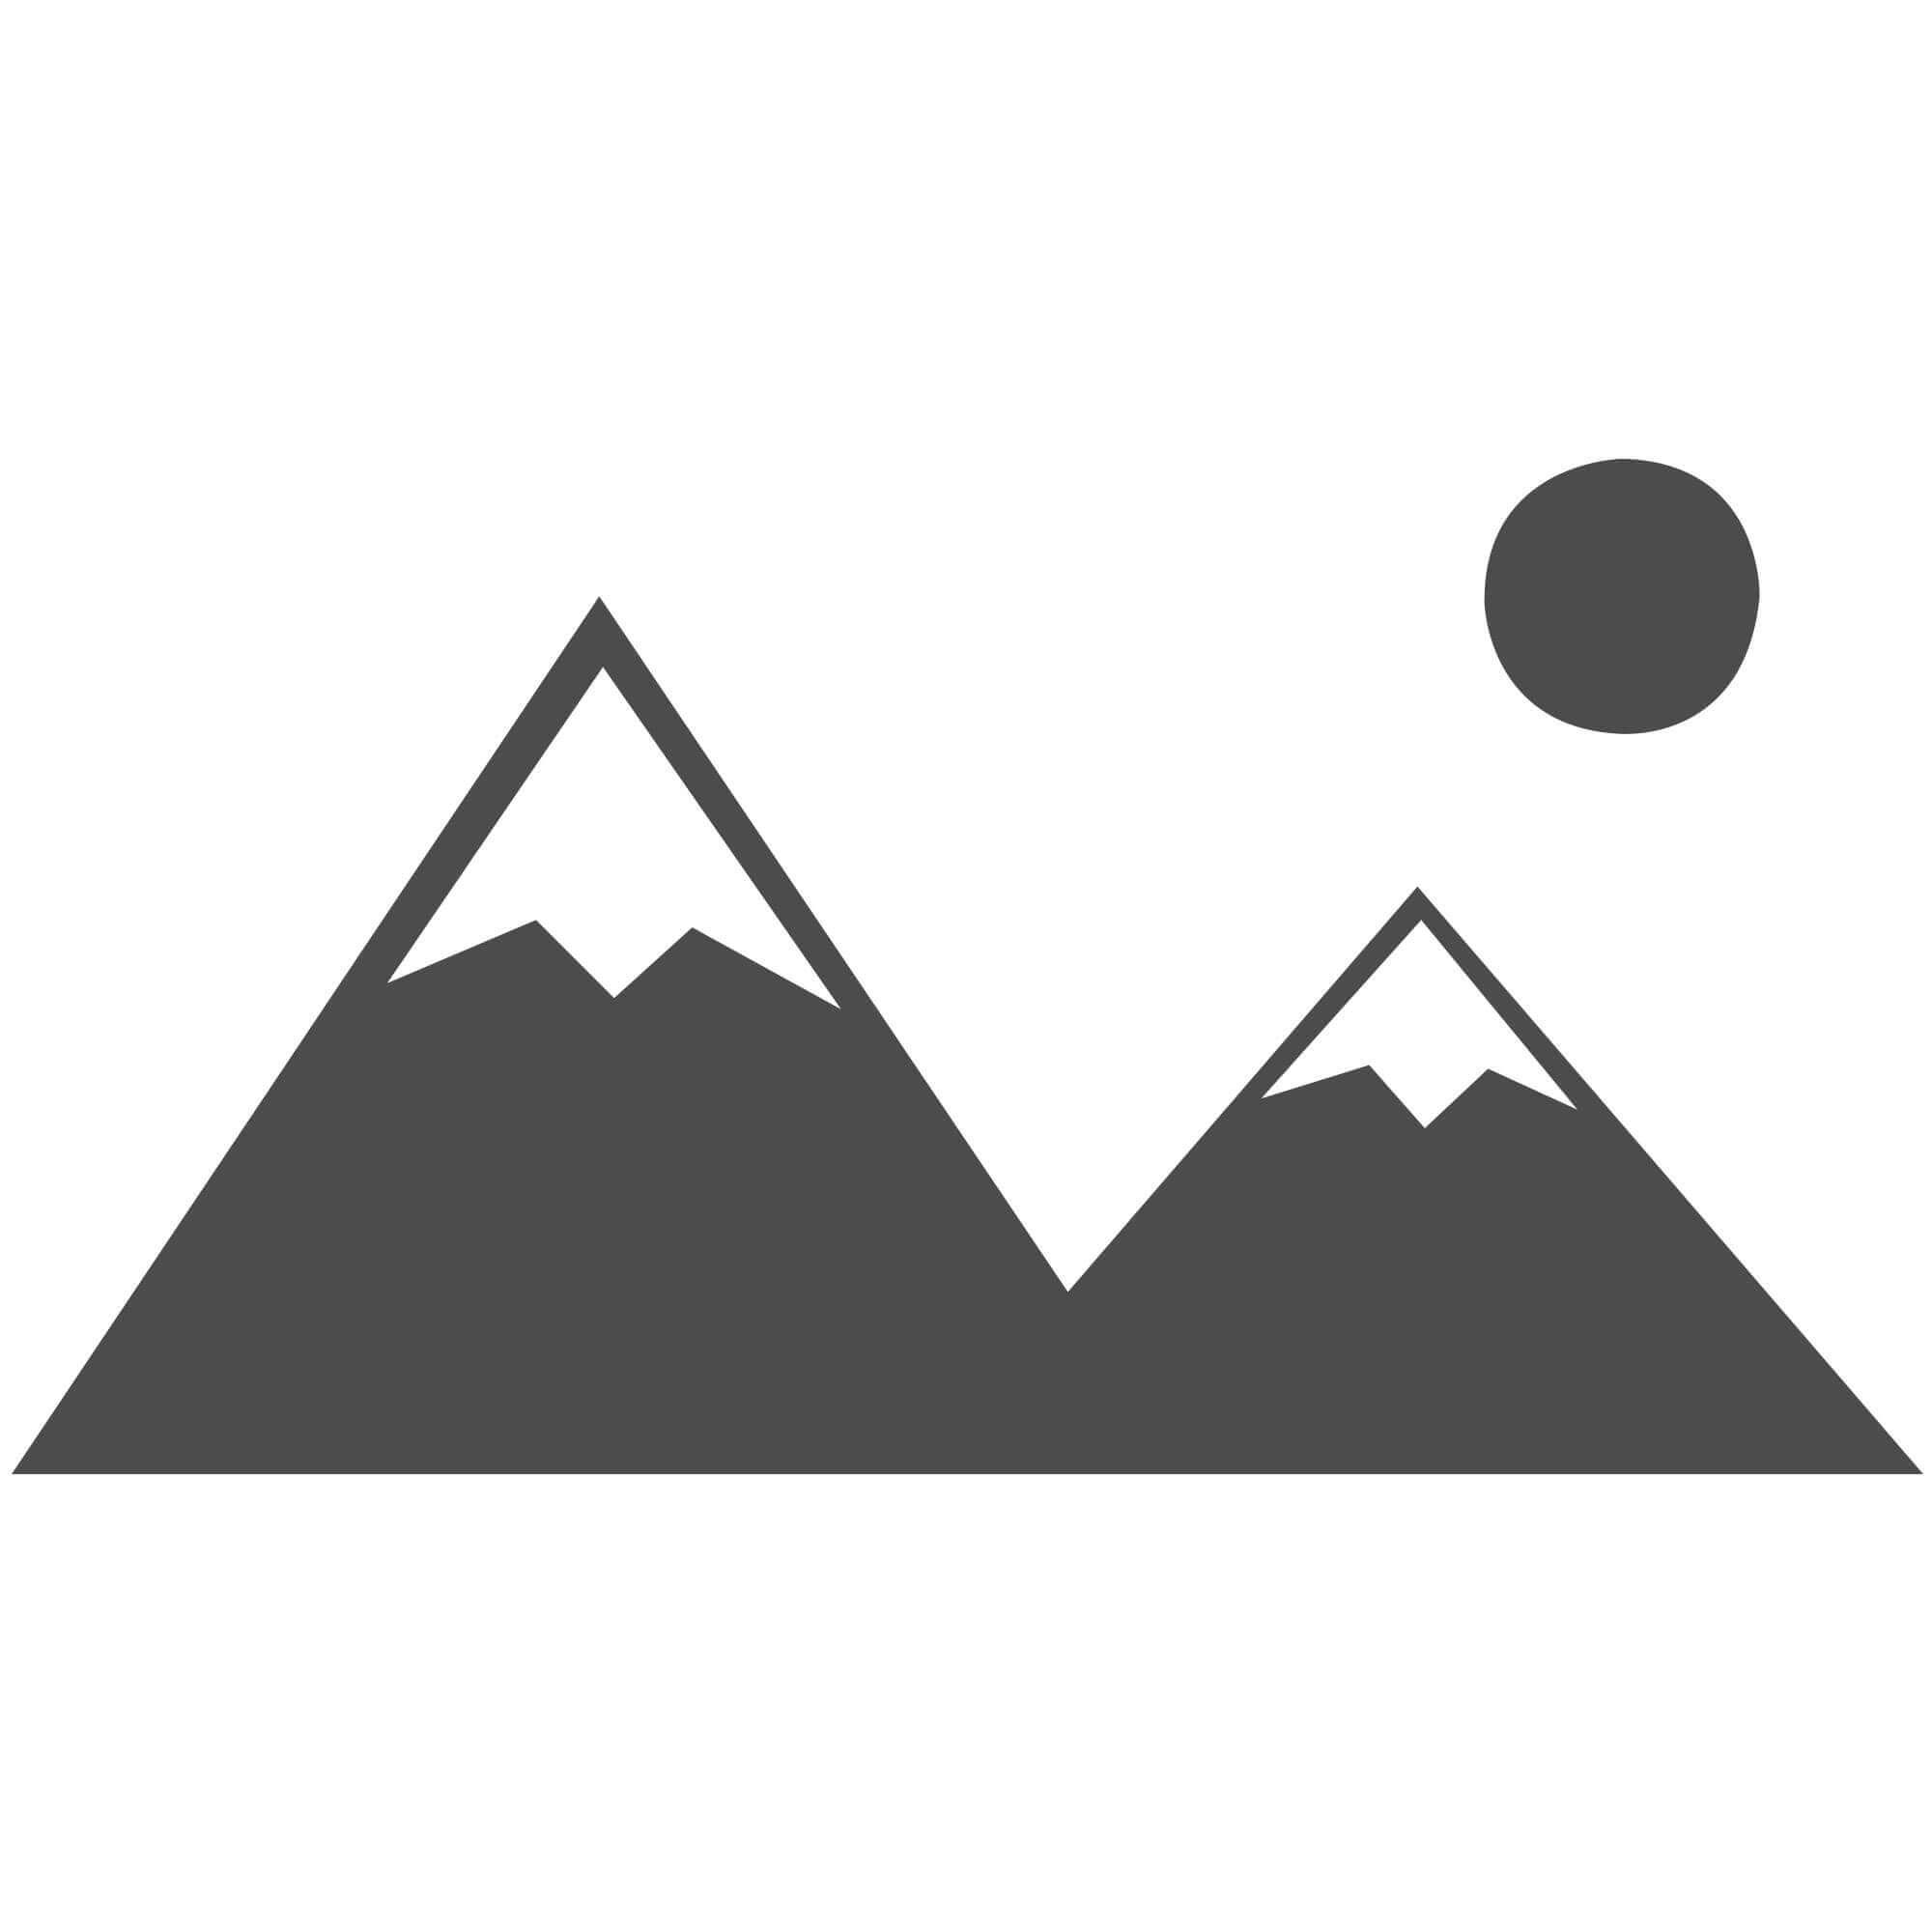 Dazzle Shaggy Rug - Blush Pink